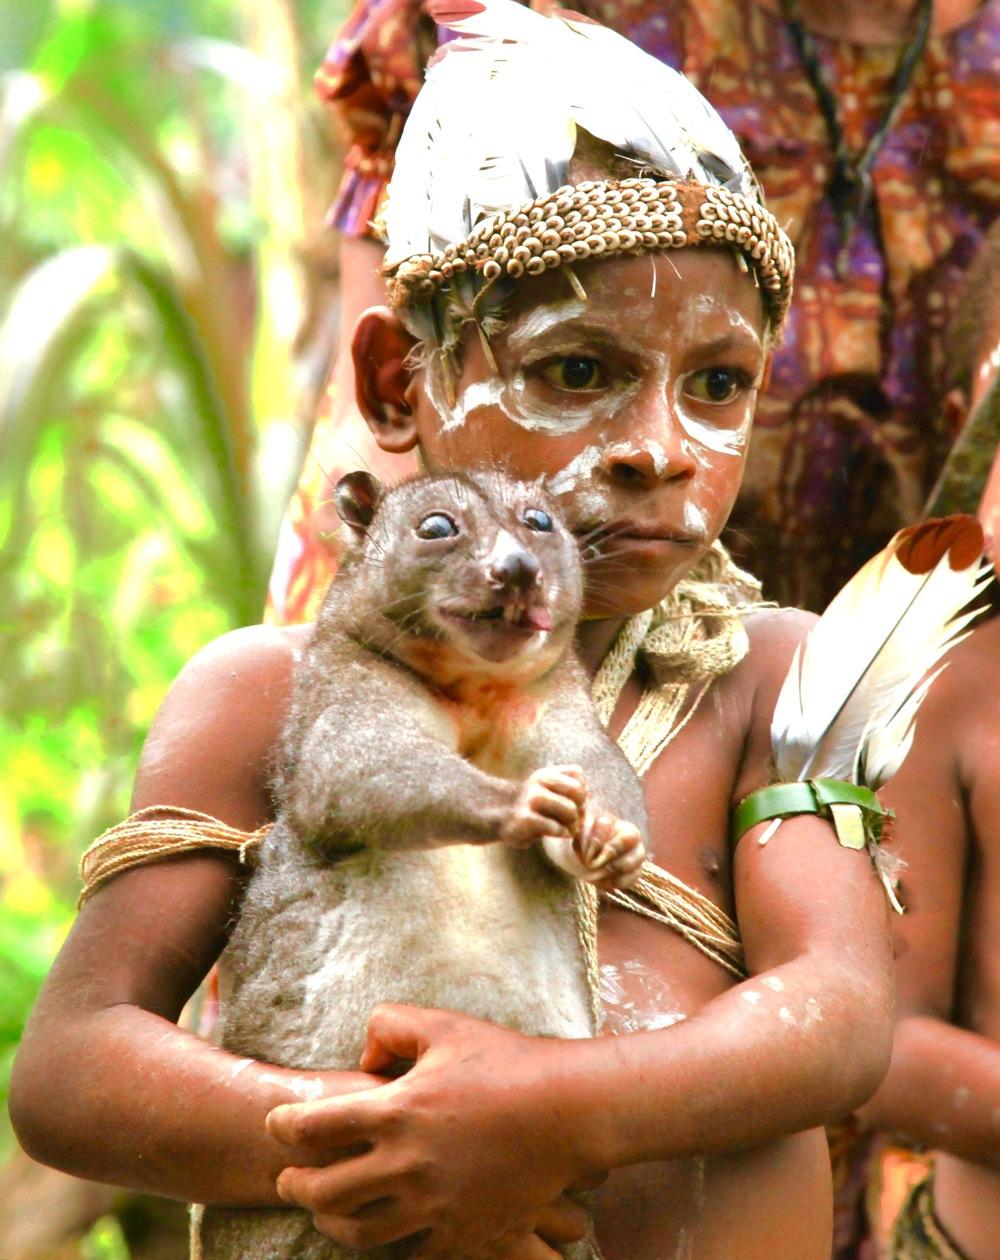 Cuscus-Papua New Guinea